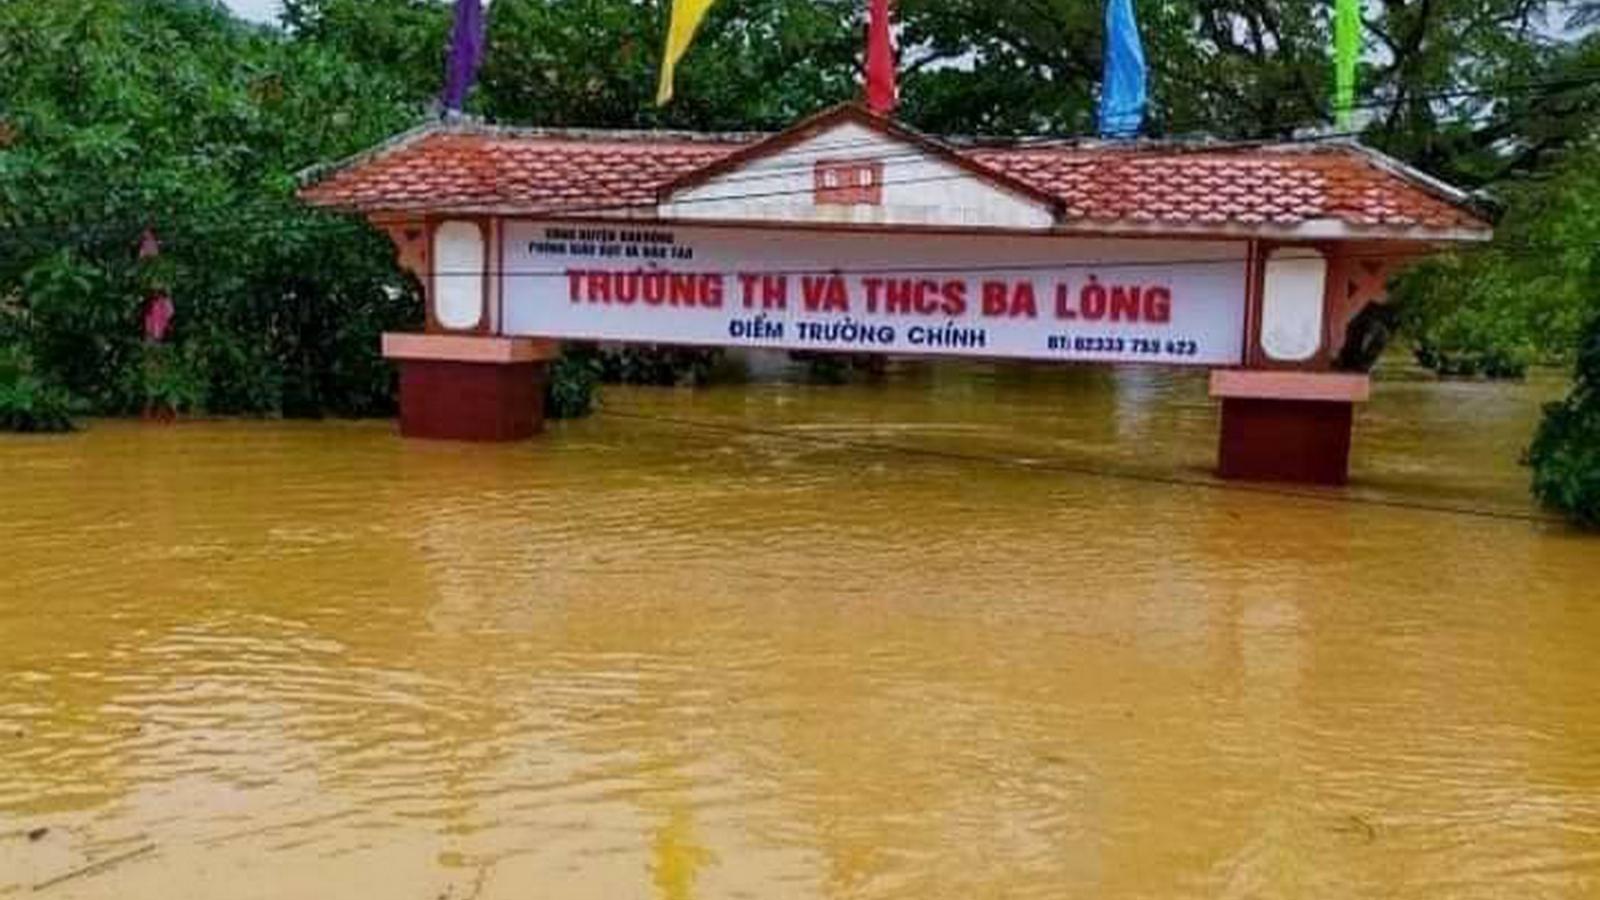 Quảng Bình, Quảng Trị căng mình chống lũ: Gần chục nghìn nhà dân bị ngập nặng